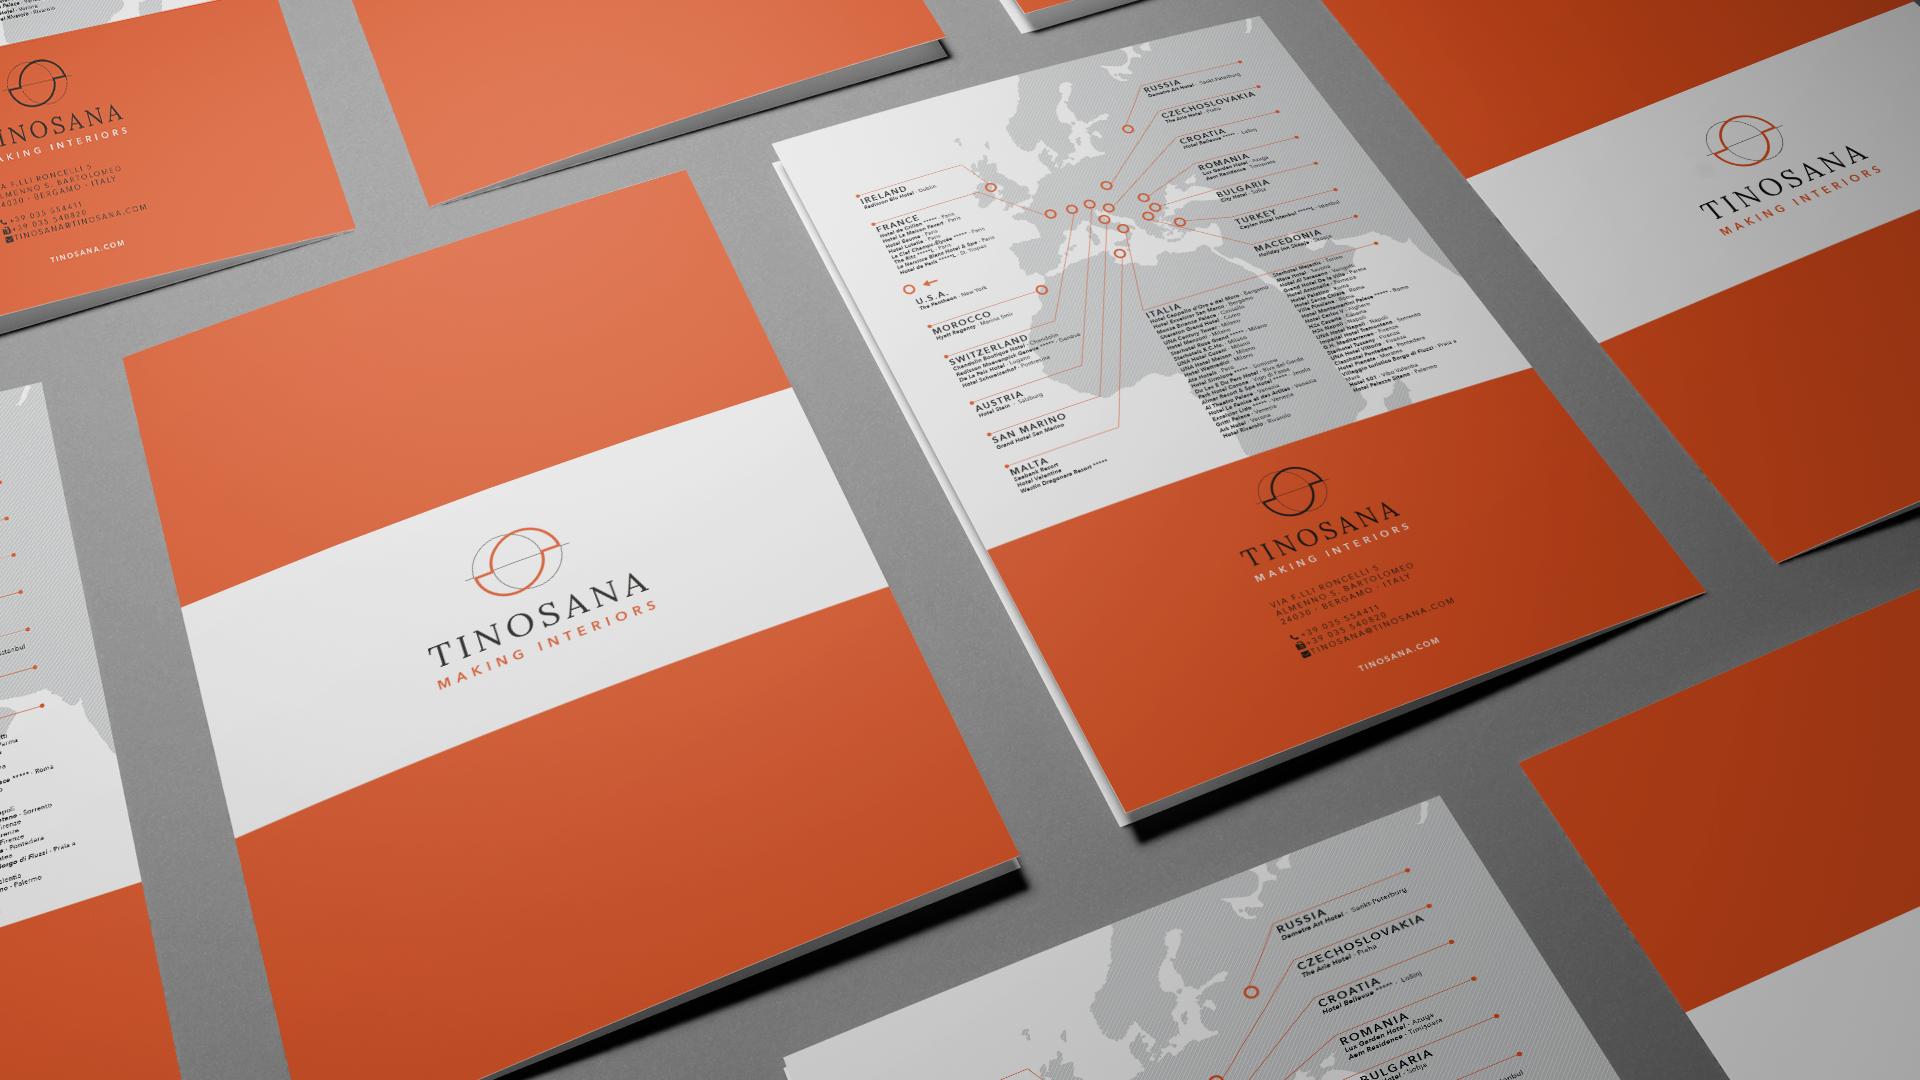 6 tinosana_leaflet